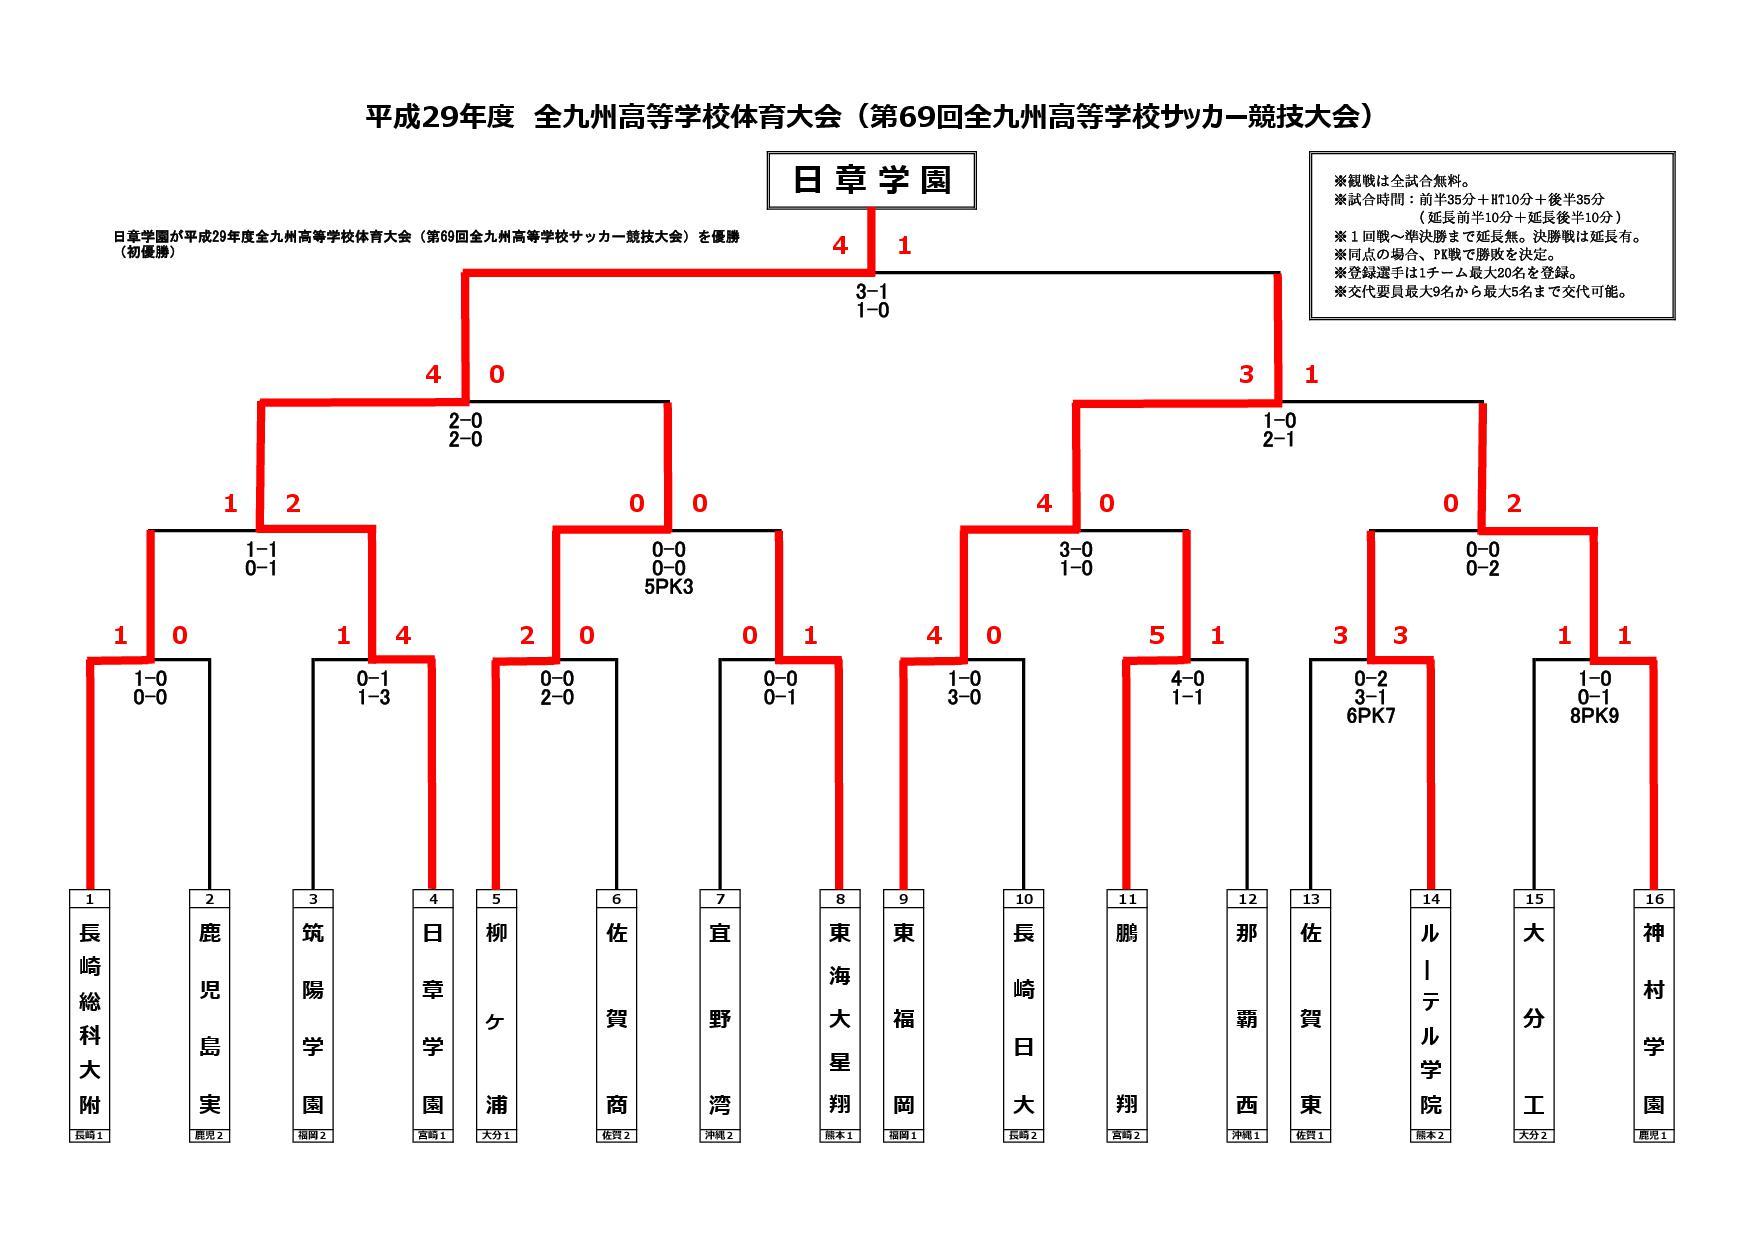 平成29年度全九州高校サッカー大会